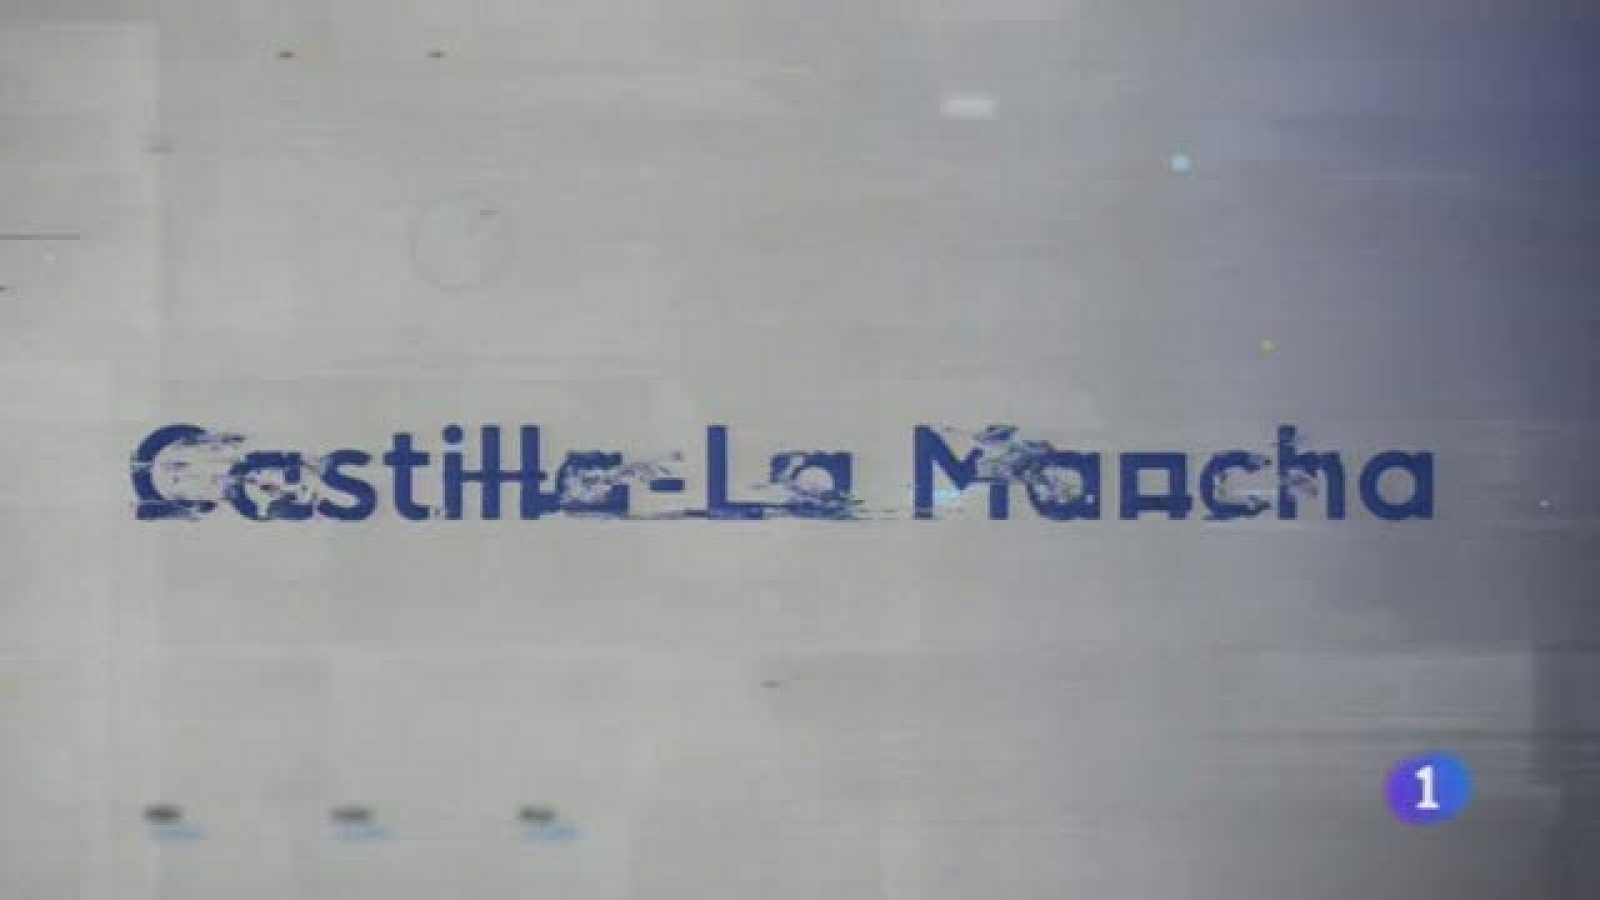 Noticias de Castilla-La Mancha - 24/02/2021 - ver ahora